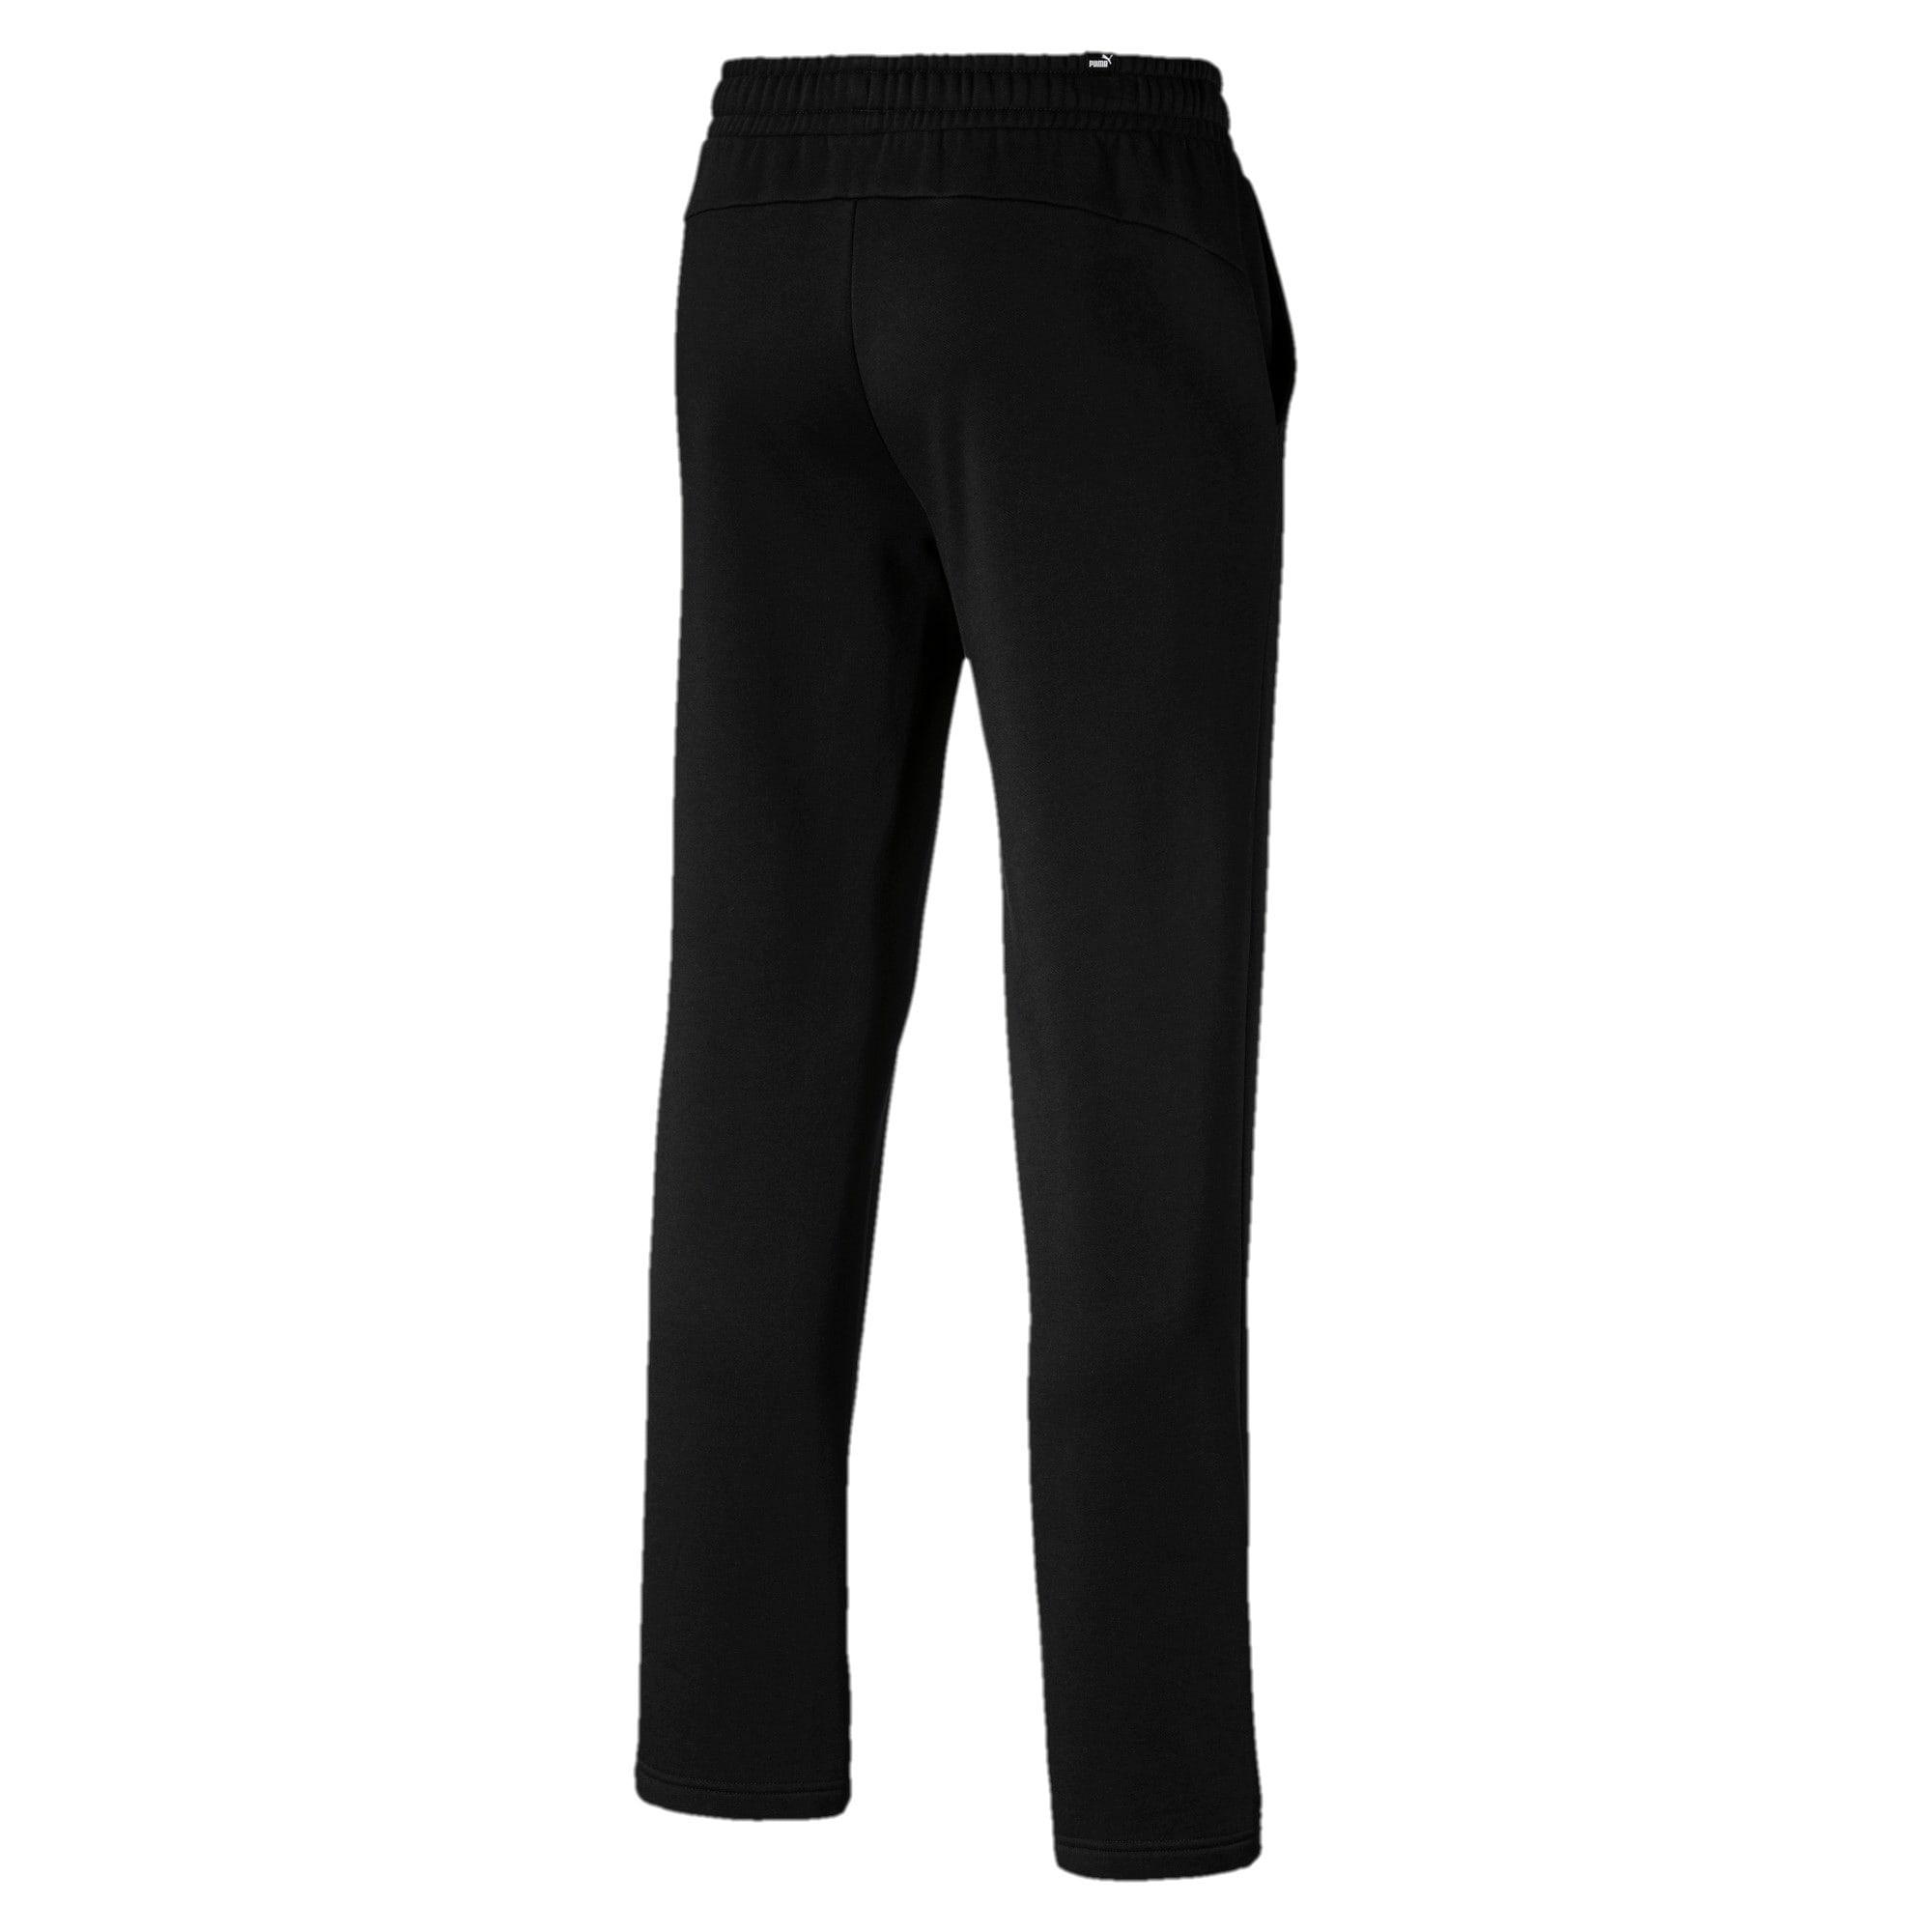 Thumbnail 2 of Essentials Men's Fleece Pants, Puma Black, medium